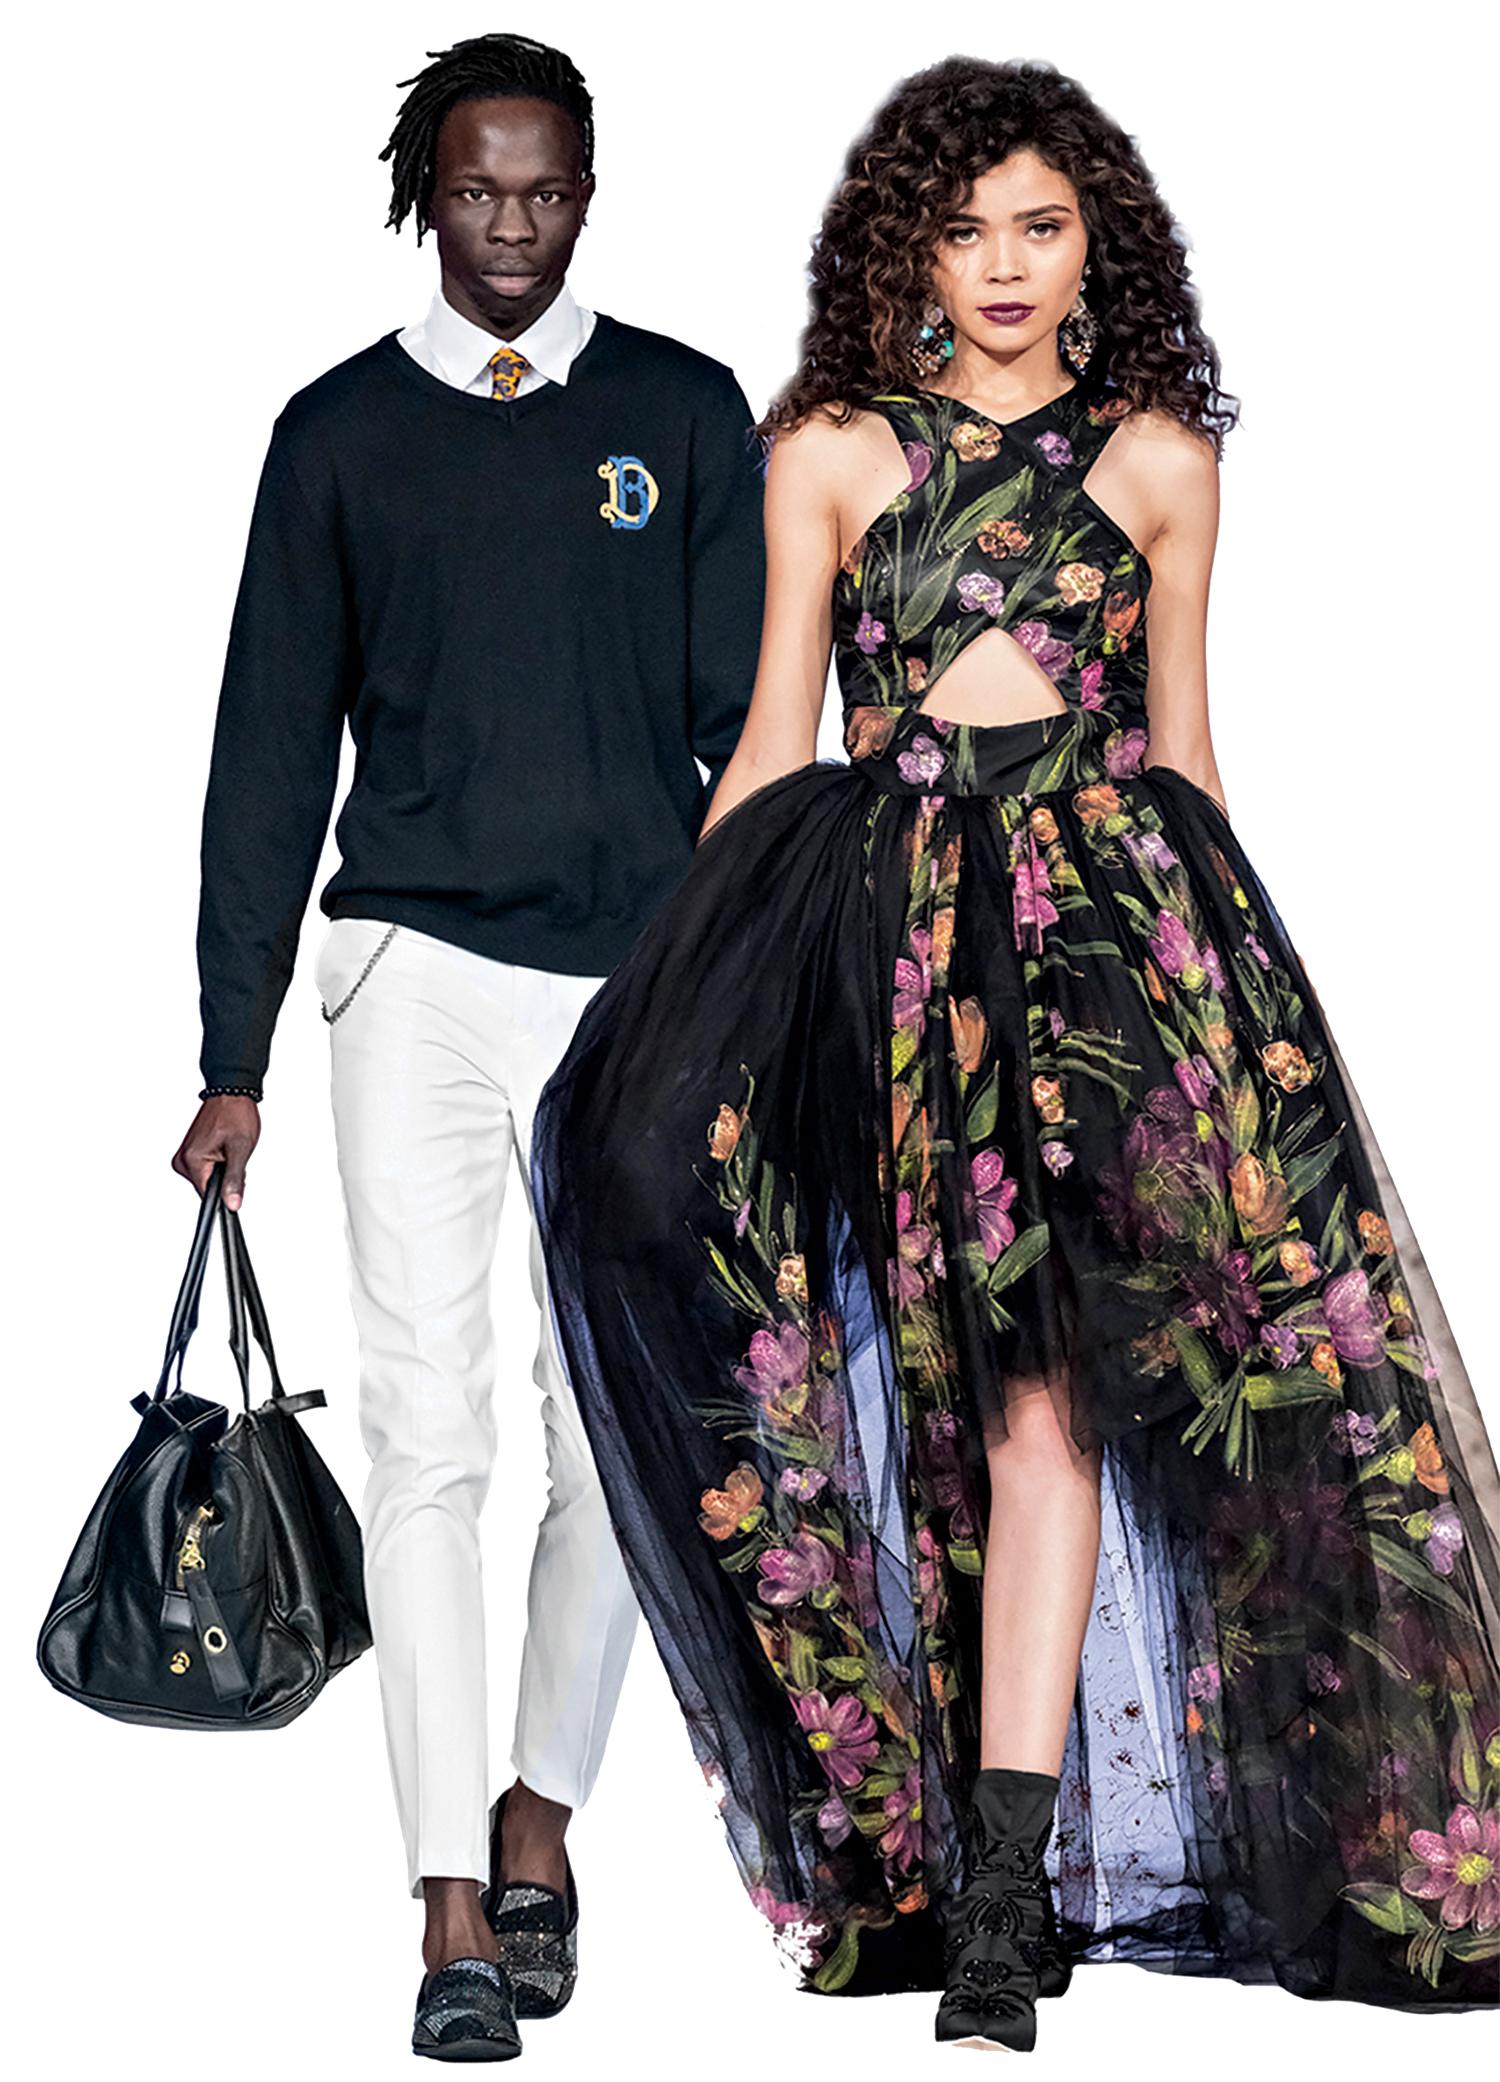 Photo courtesy Phoenix Fashion Week